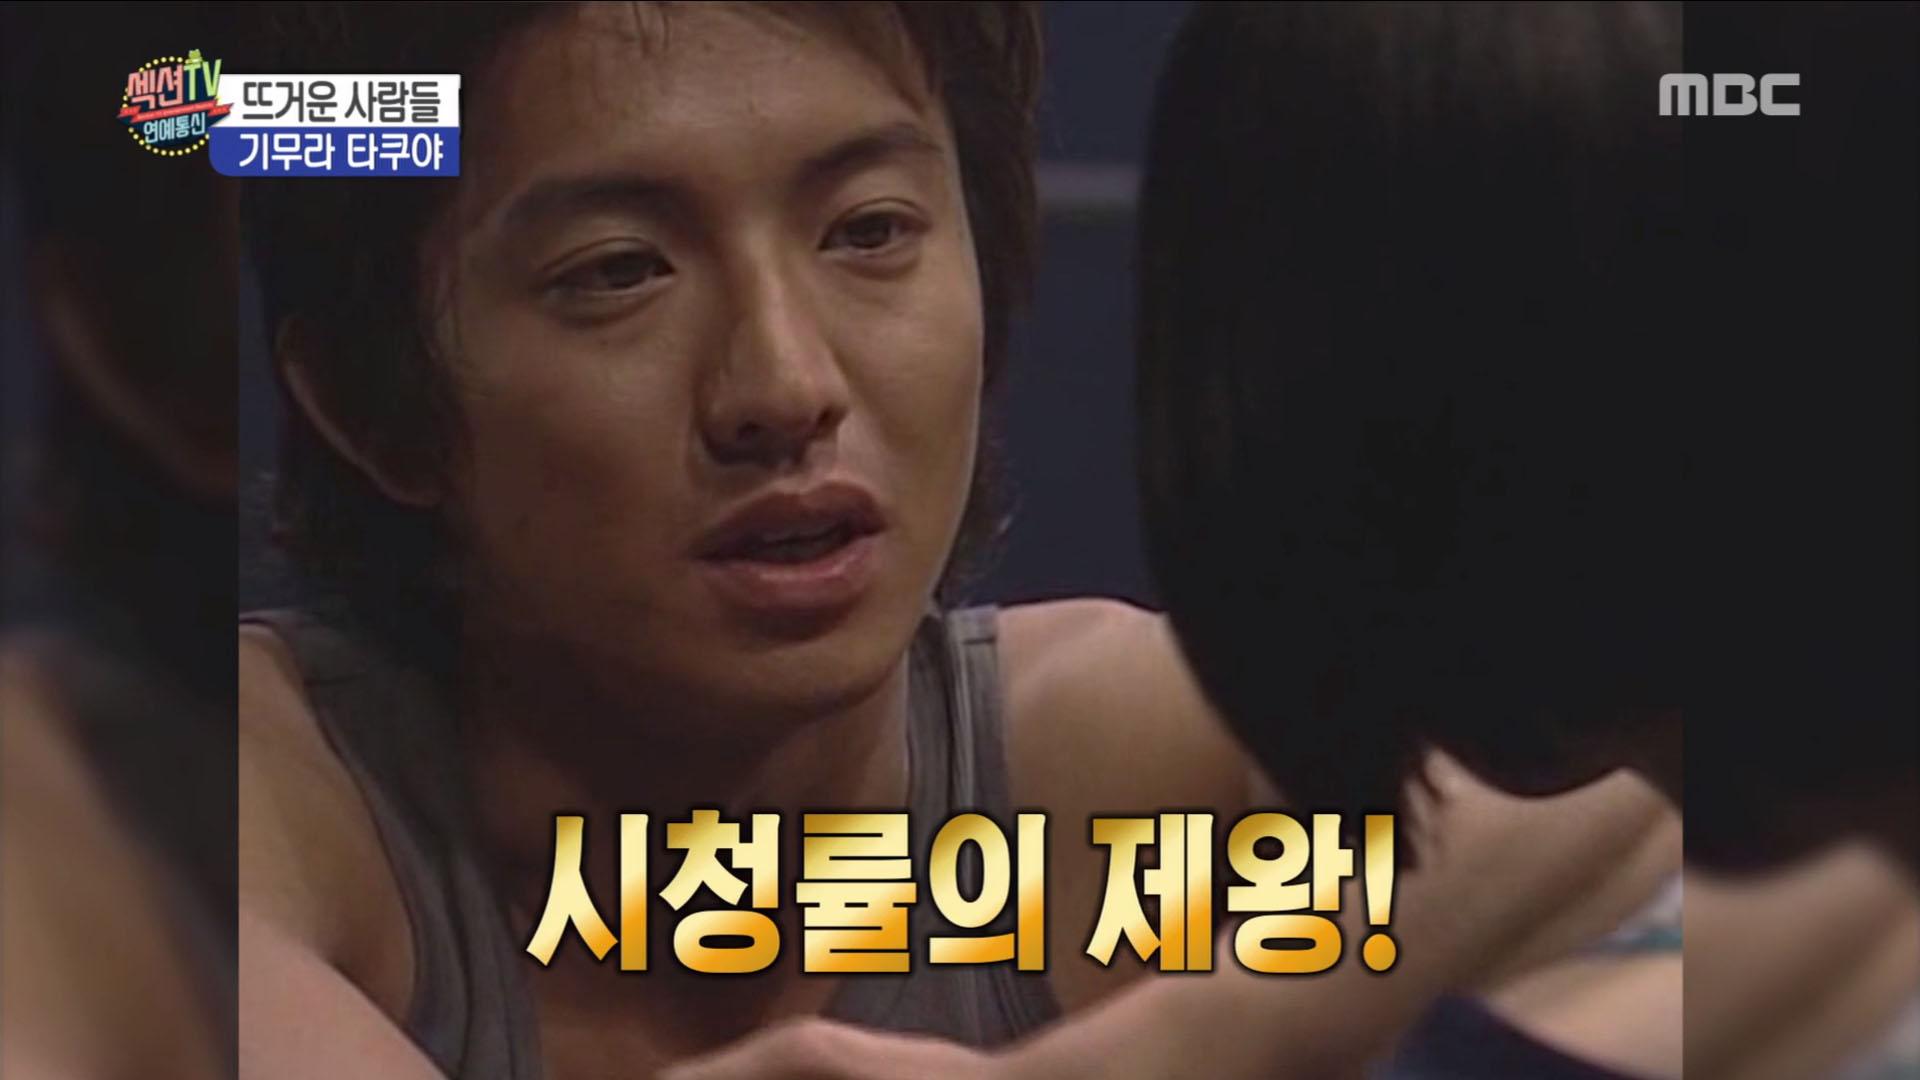 '섹션TV 연예통신' 일본 대표 꽃미남 기무라 타쿠야, 충격적인 근황?!